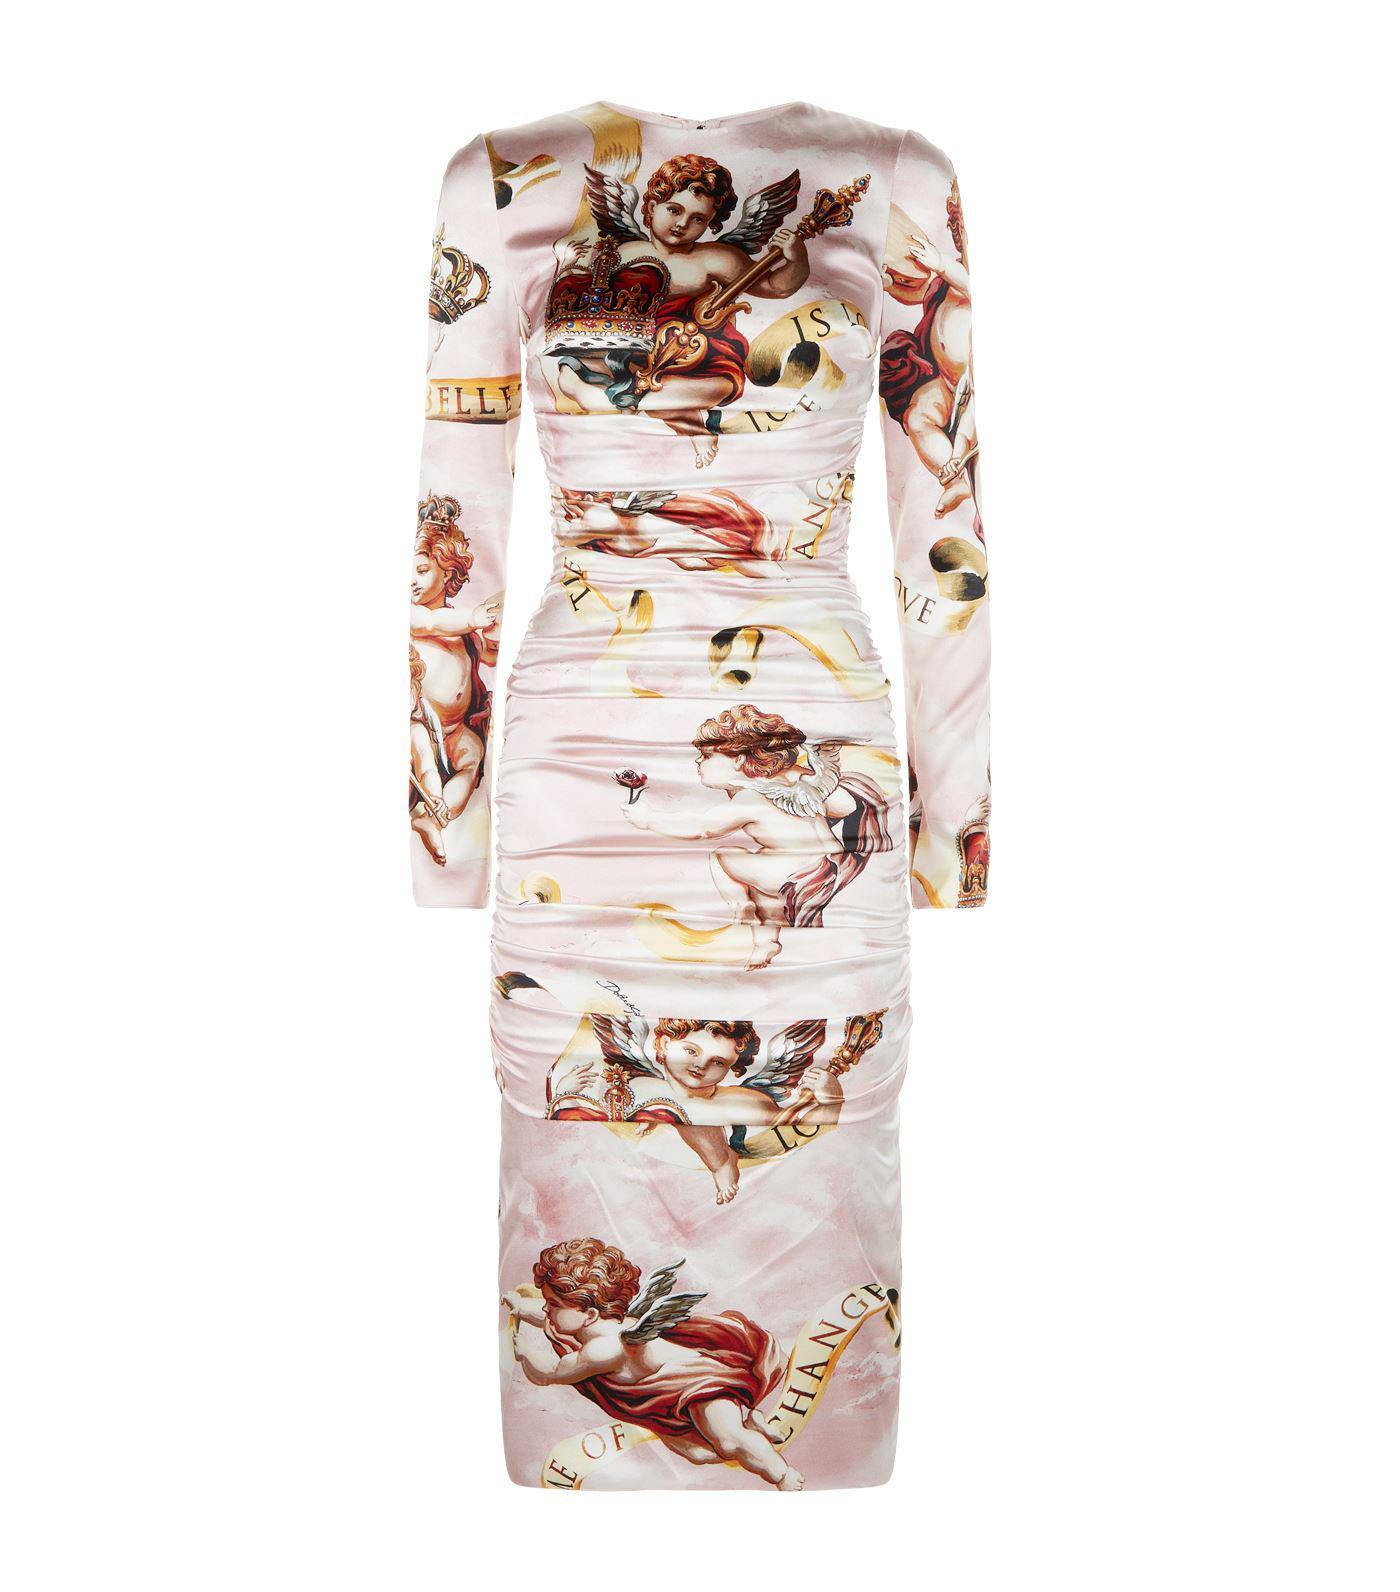 2f3cc4529603 Dolce & Gabbana Cherub Print Satin Midi Dress - Lyst